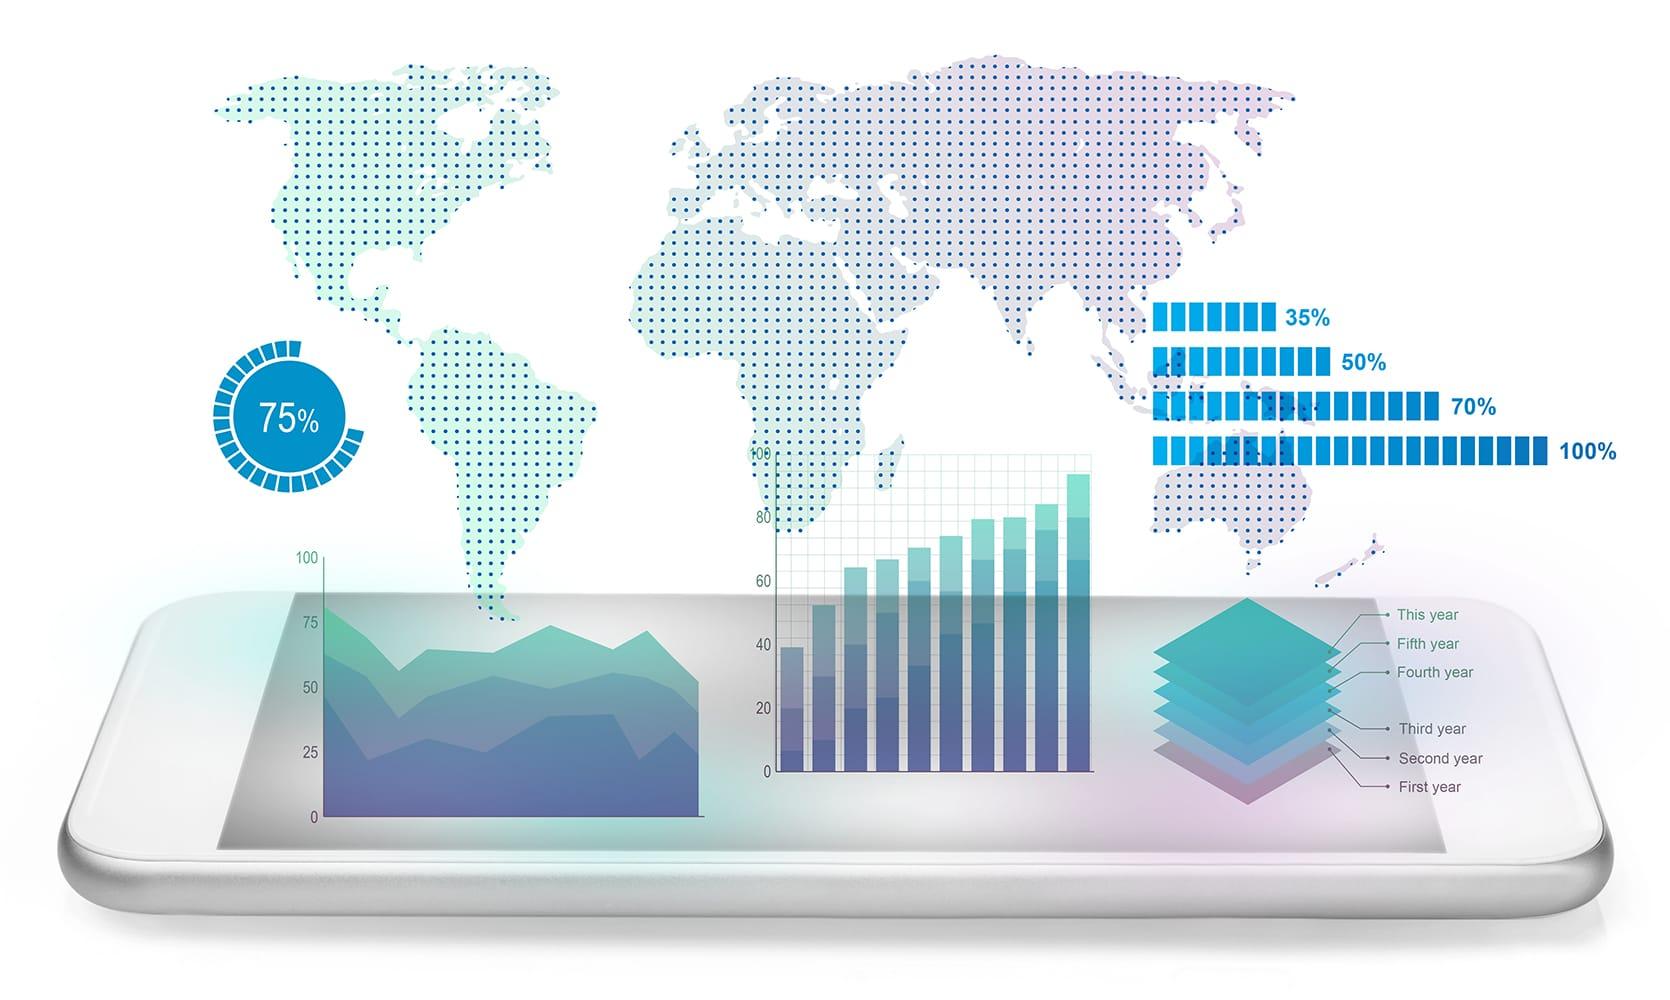 grafica con servicios de analitica web y servicios de business intelligence business analytics